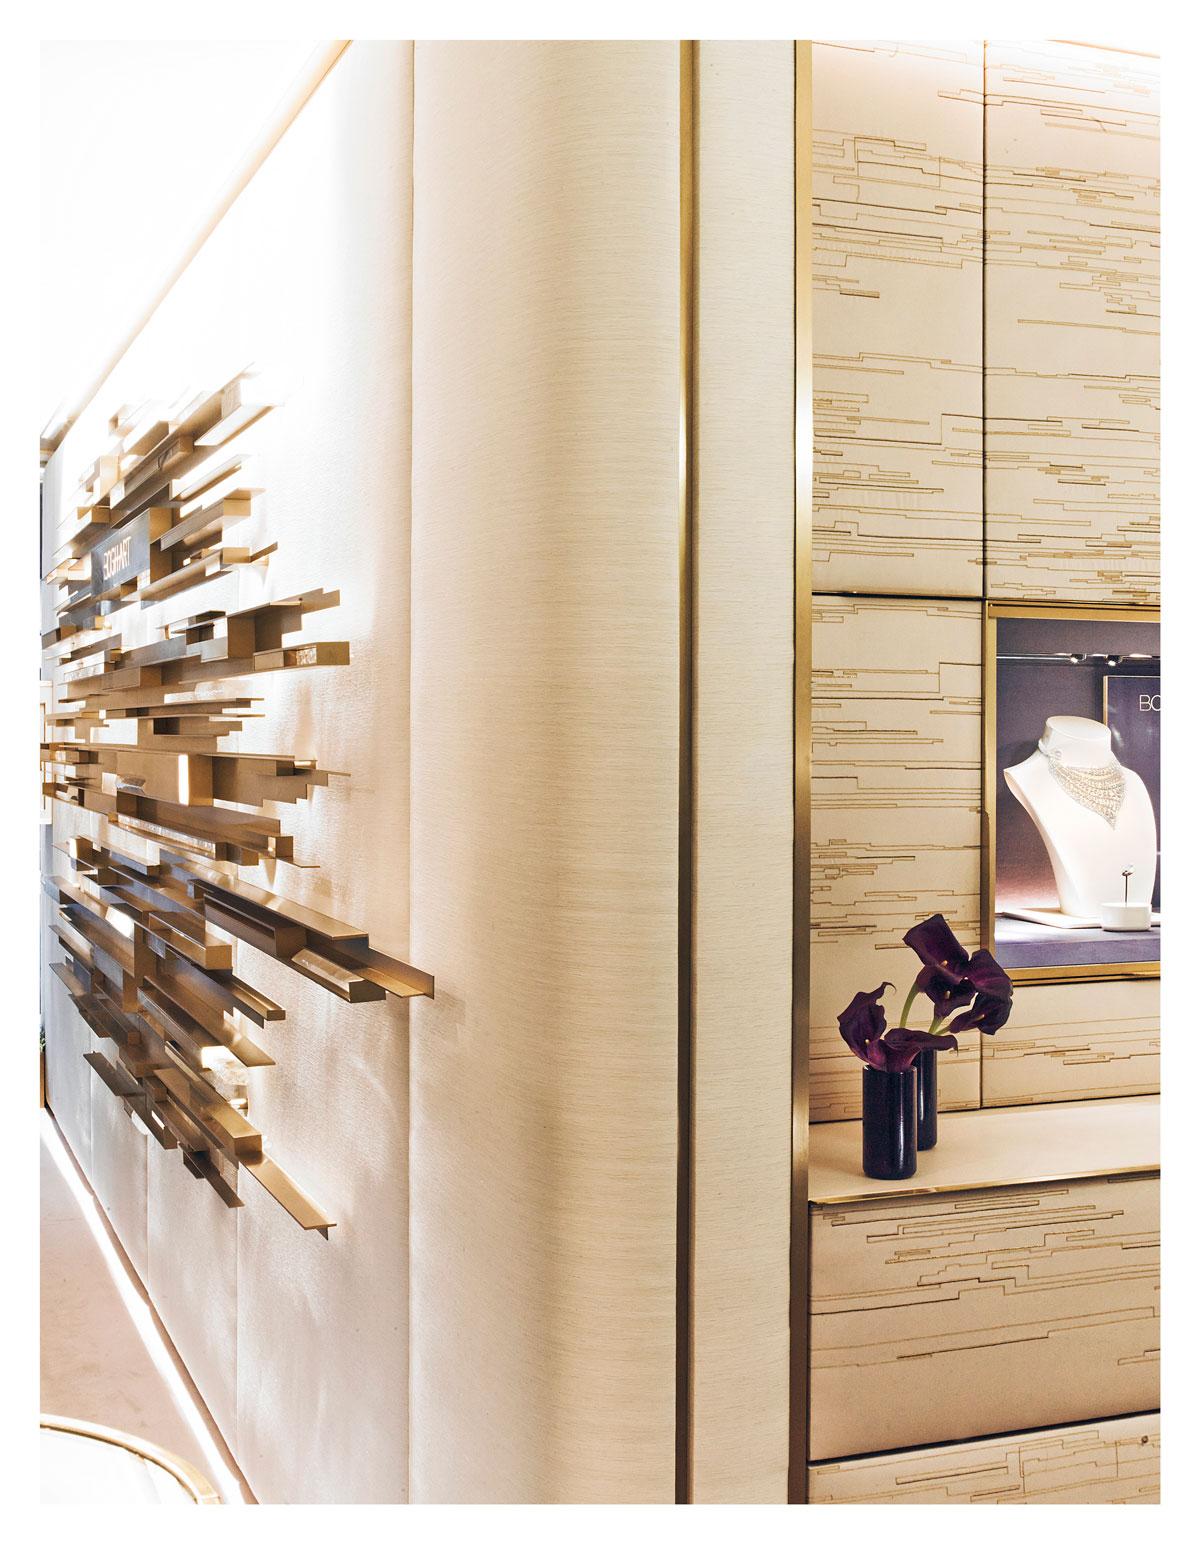 Serge-castella-interiors-boutique-09